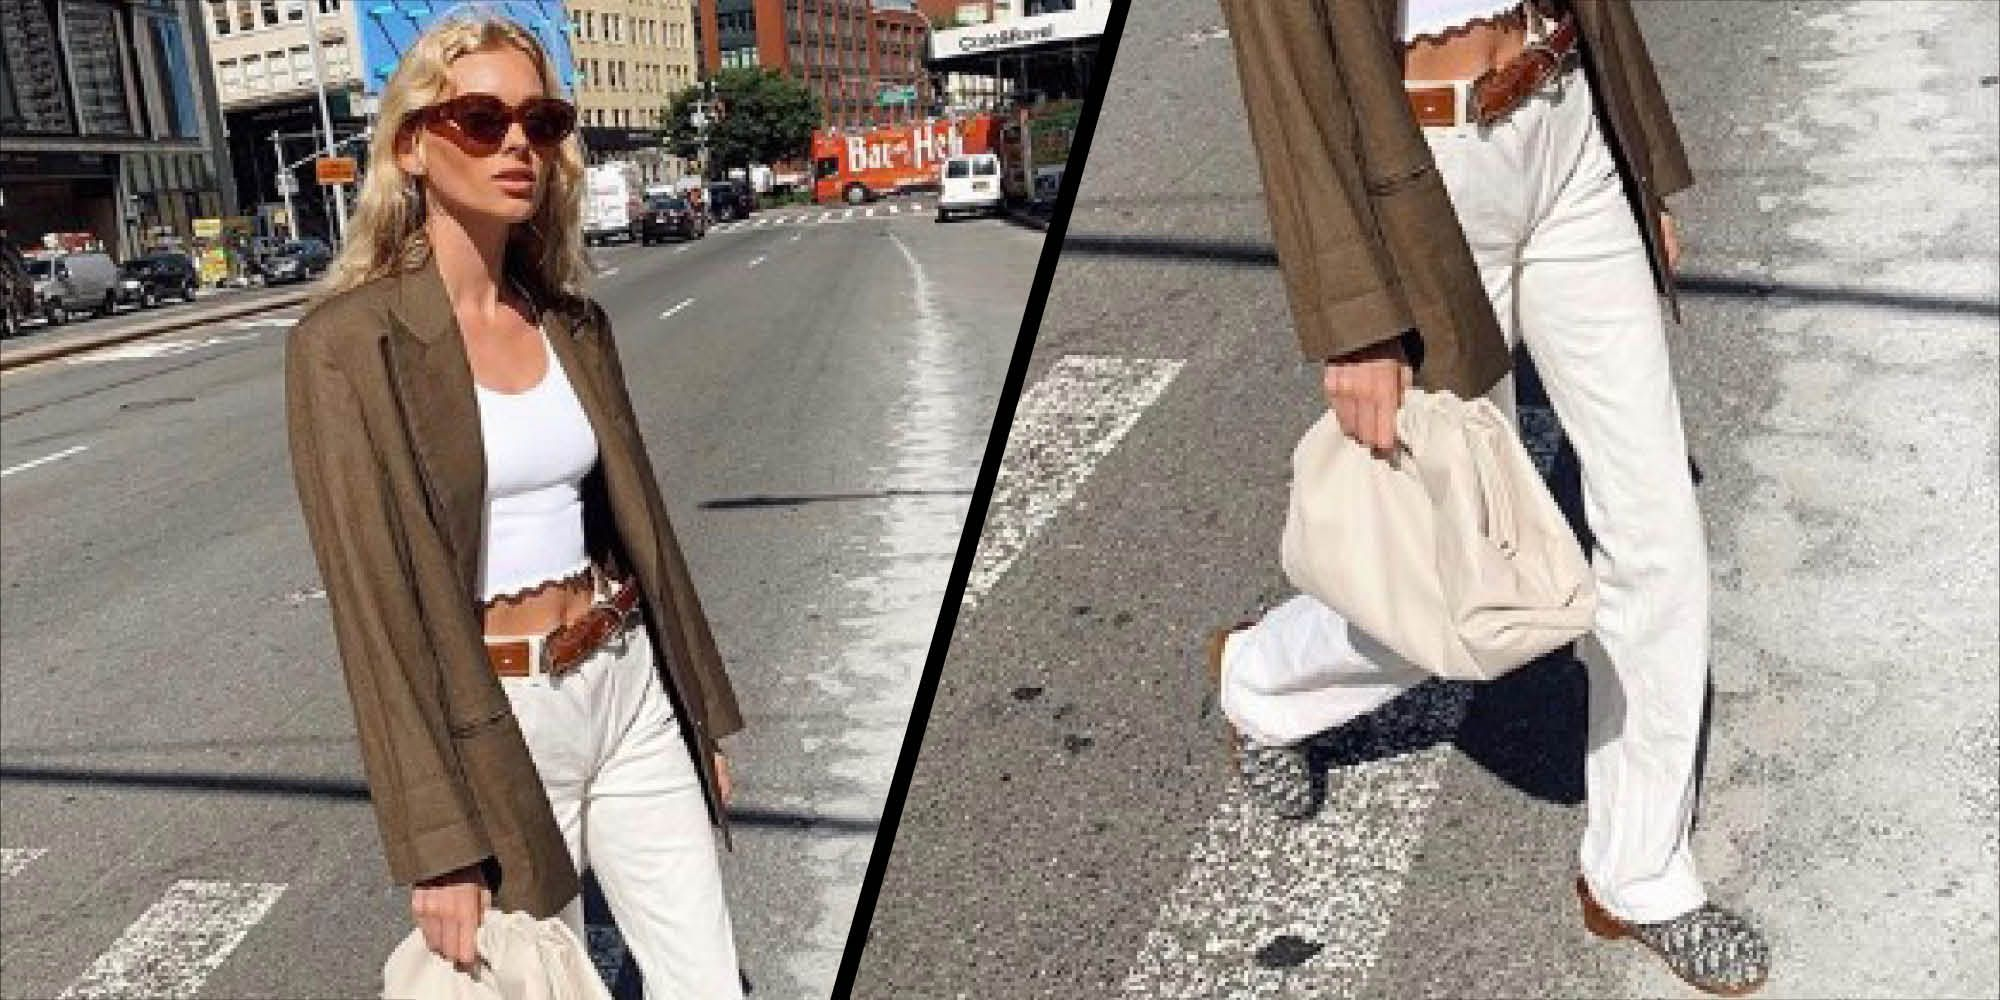 Elsa Hosk and Dior are bringing back the clog